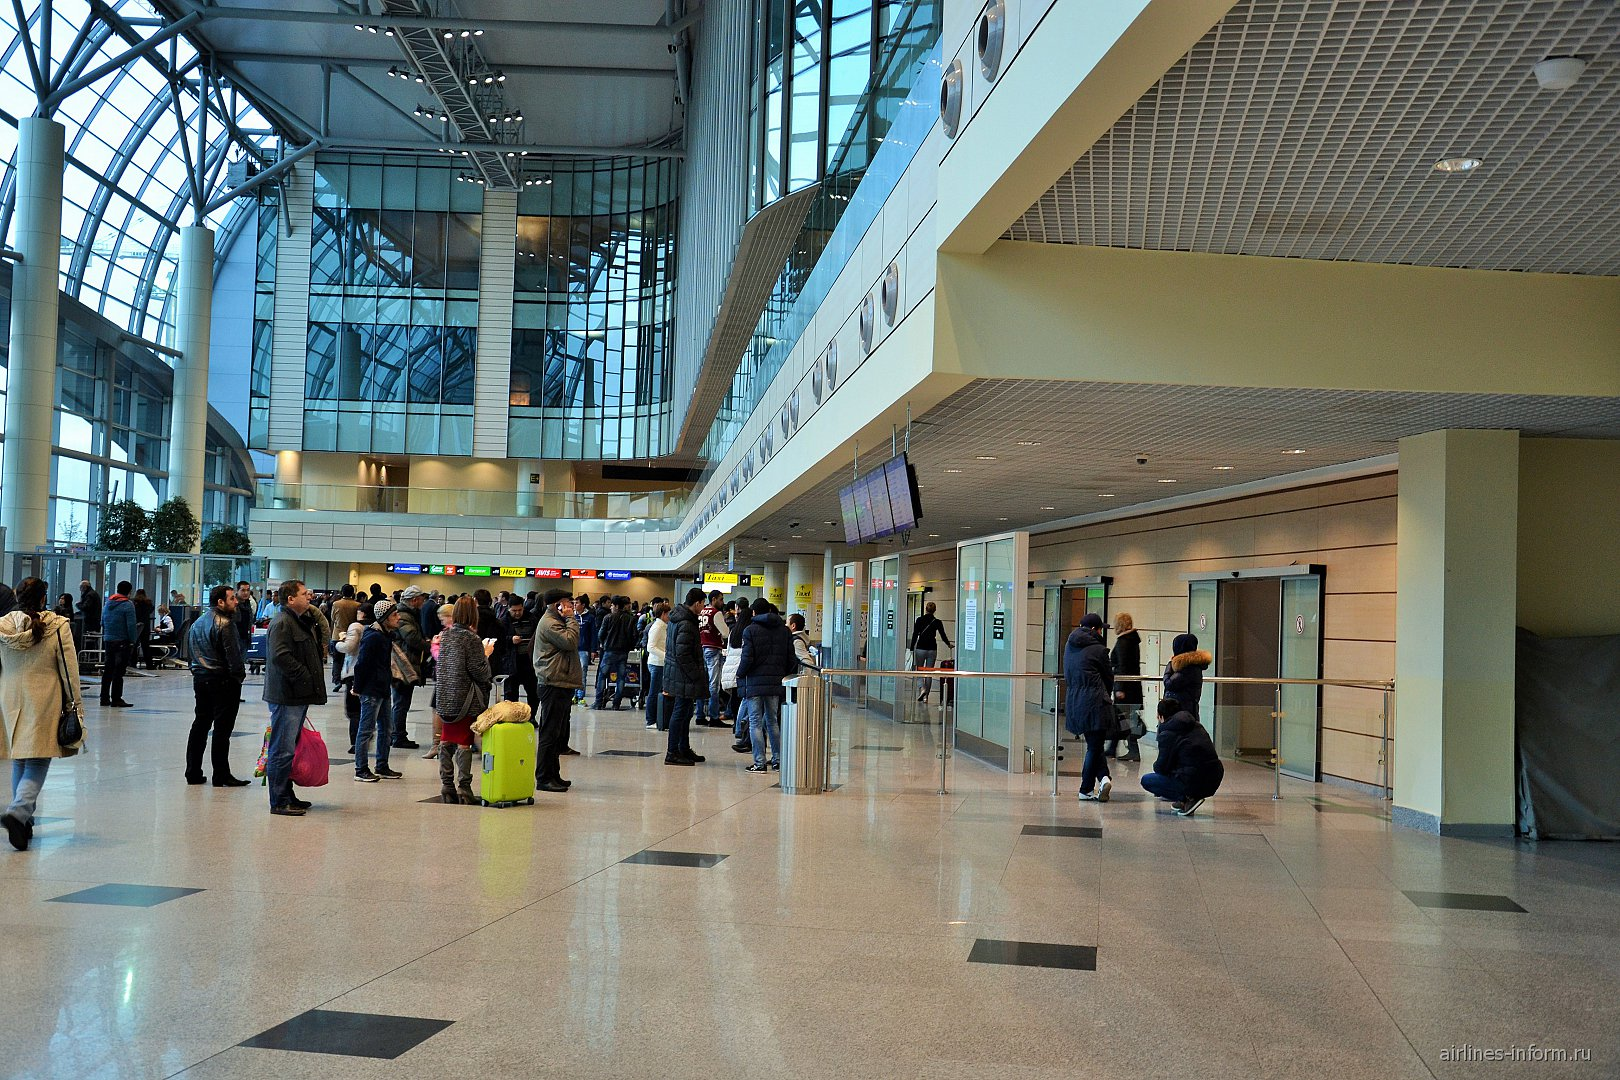 Зал международных прилетов в аэропорту Москва-Домодедово